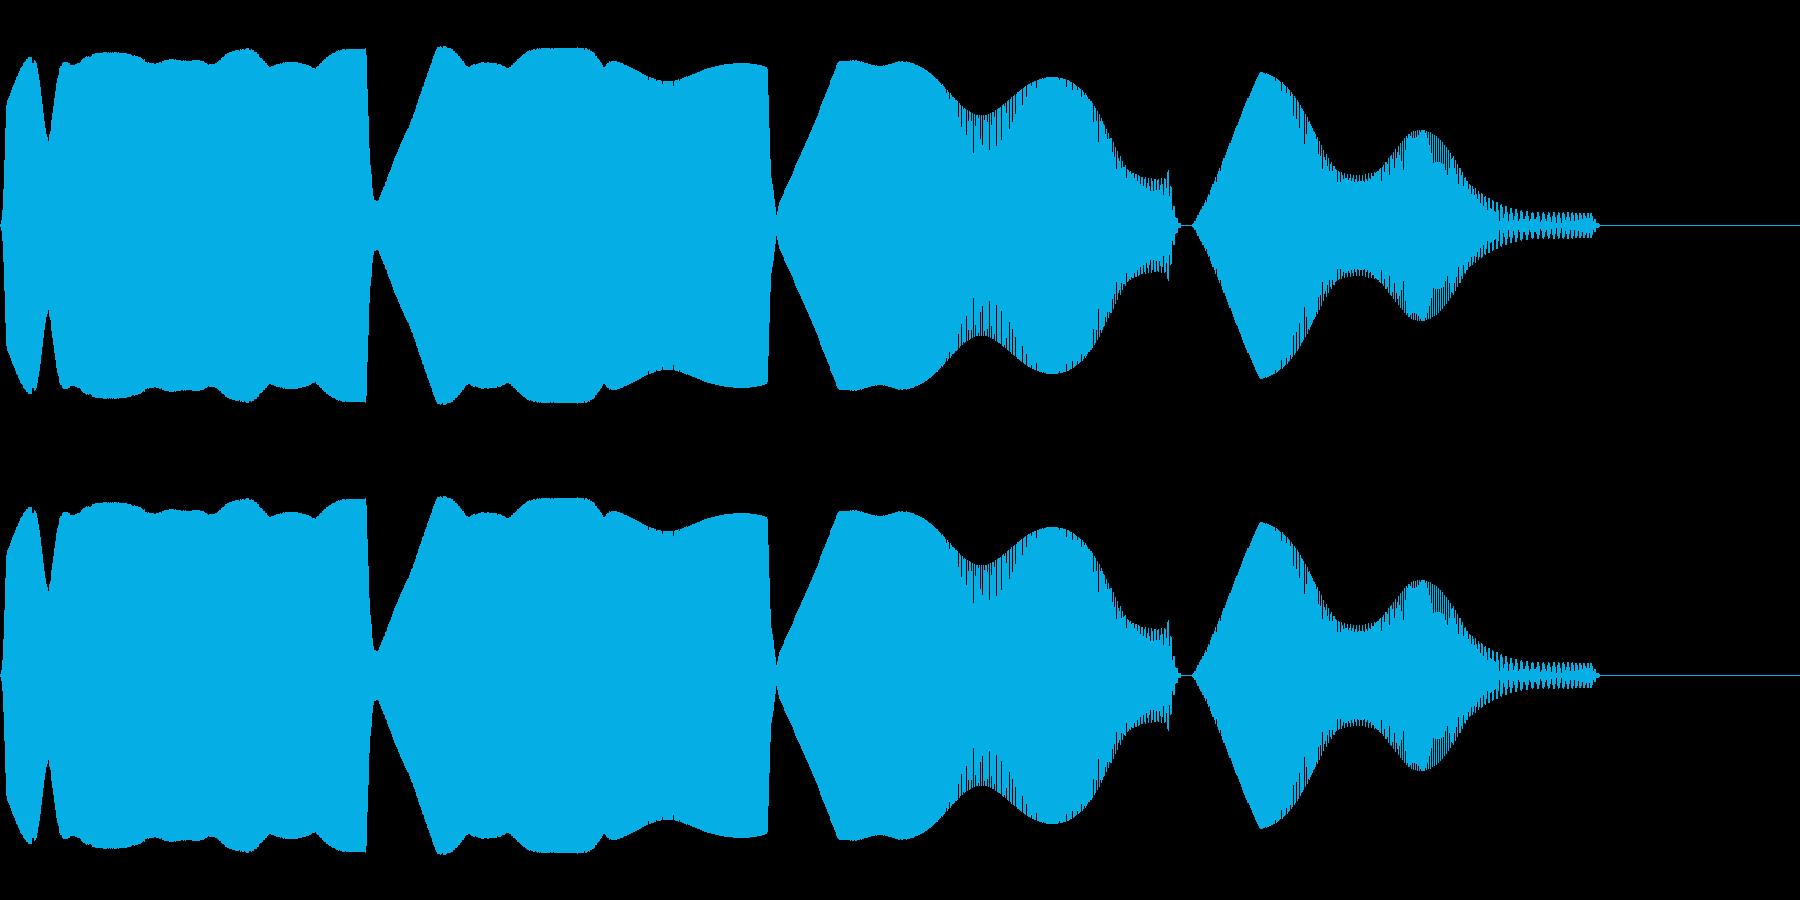 目を回すような効果音(混乱/ふらふら)の再生済みの波形